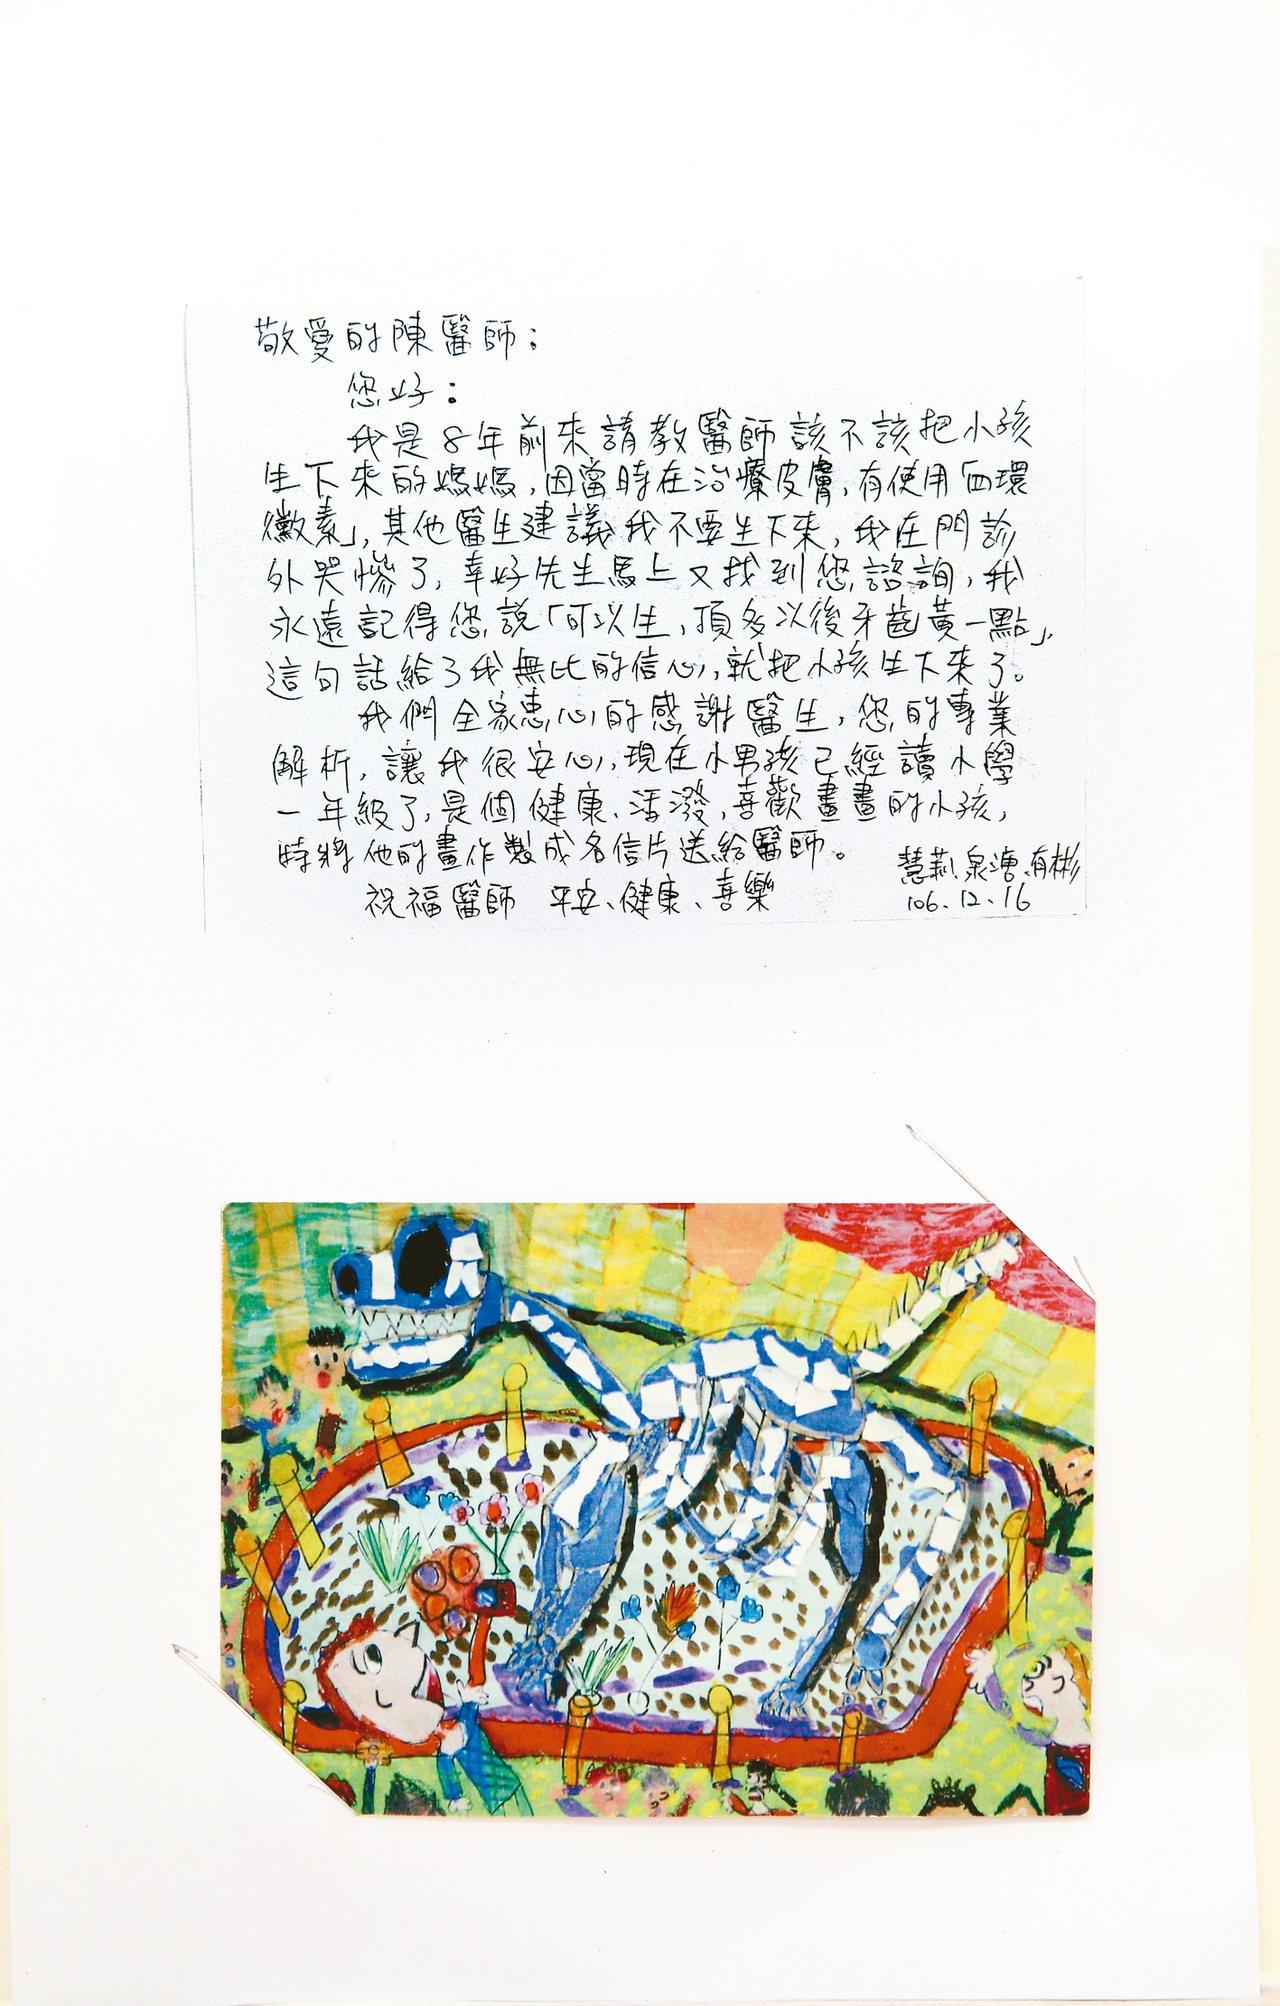 一位媽媽寫信感謝陳持平八年前給她信心,讓她生下小孩。 記者蘇健忠/攝影